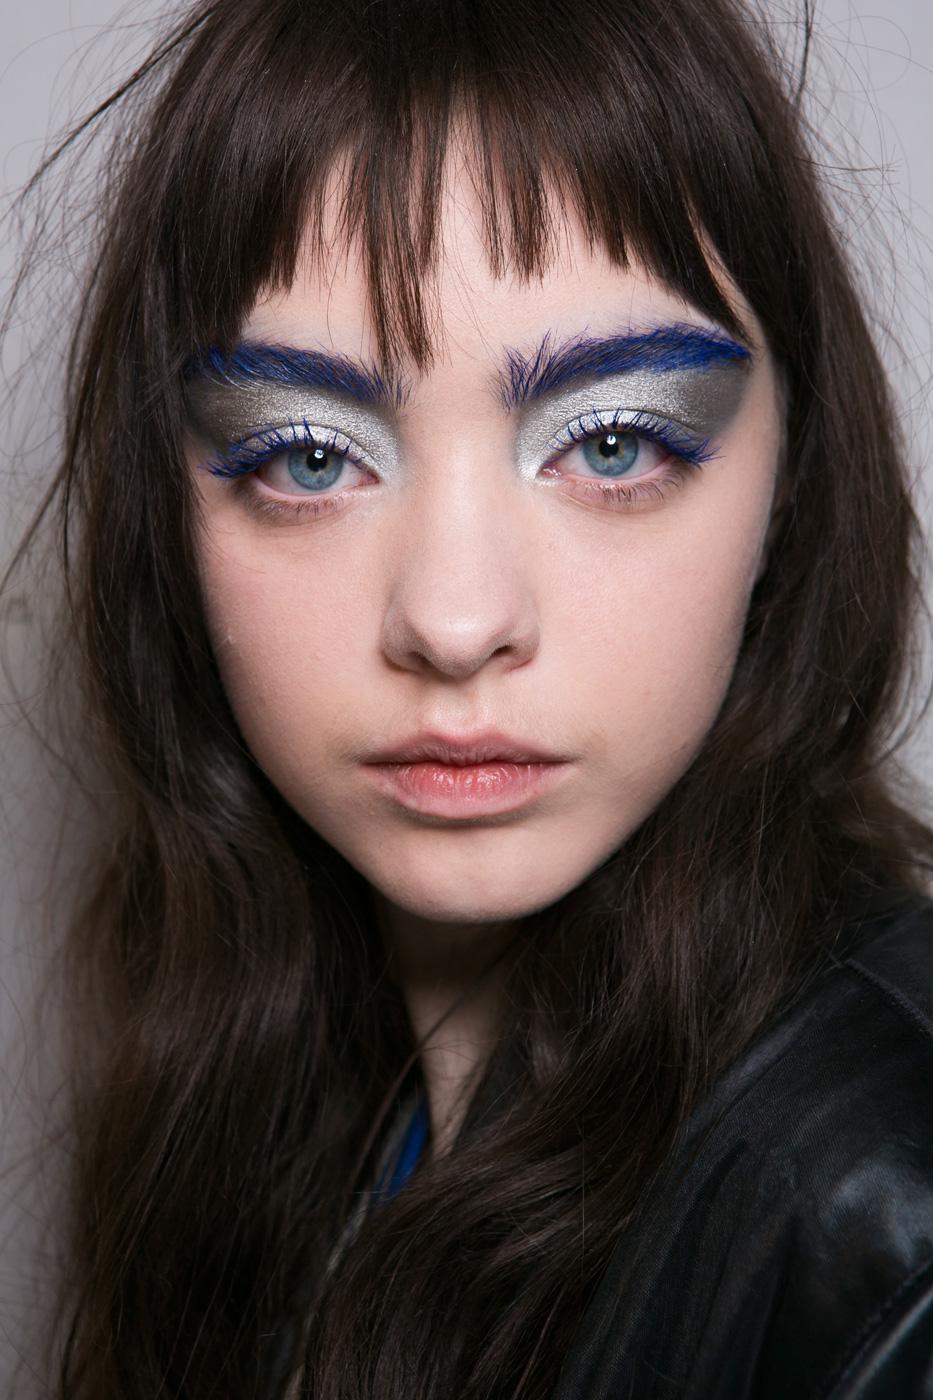 Những kiểu makeup dọa ma khiến người xem phải giật mình tại Tuần lễ thời trang Thu/Đông 2017 - Ảnh 4.